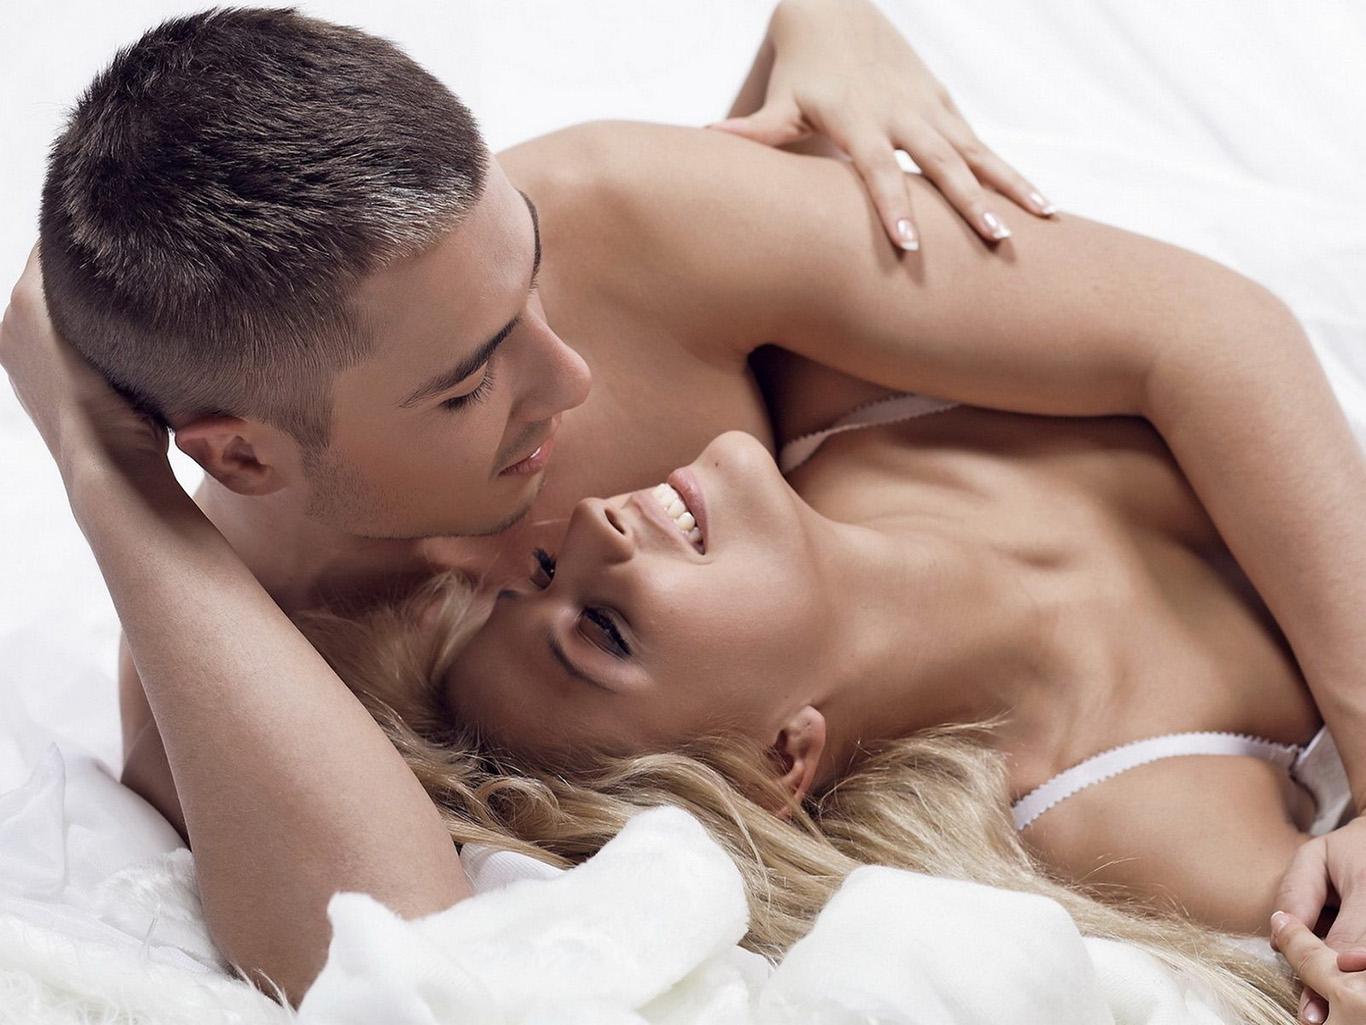 Сексе просмотр бесплатно, Смотреть бесплатно онлайн порно видео, порно ролики 9 фотография